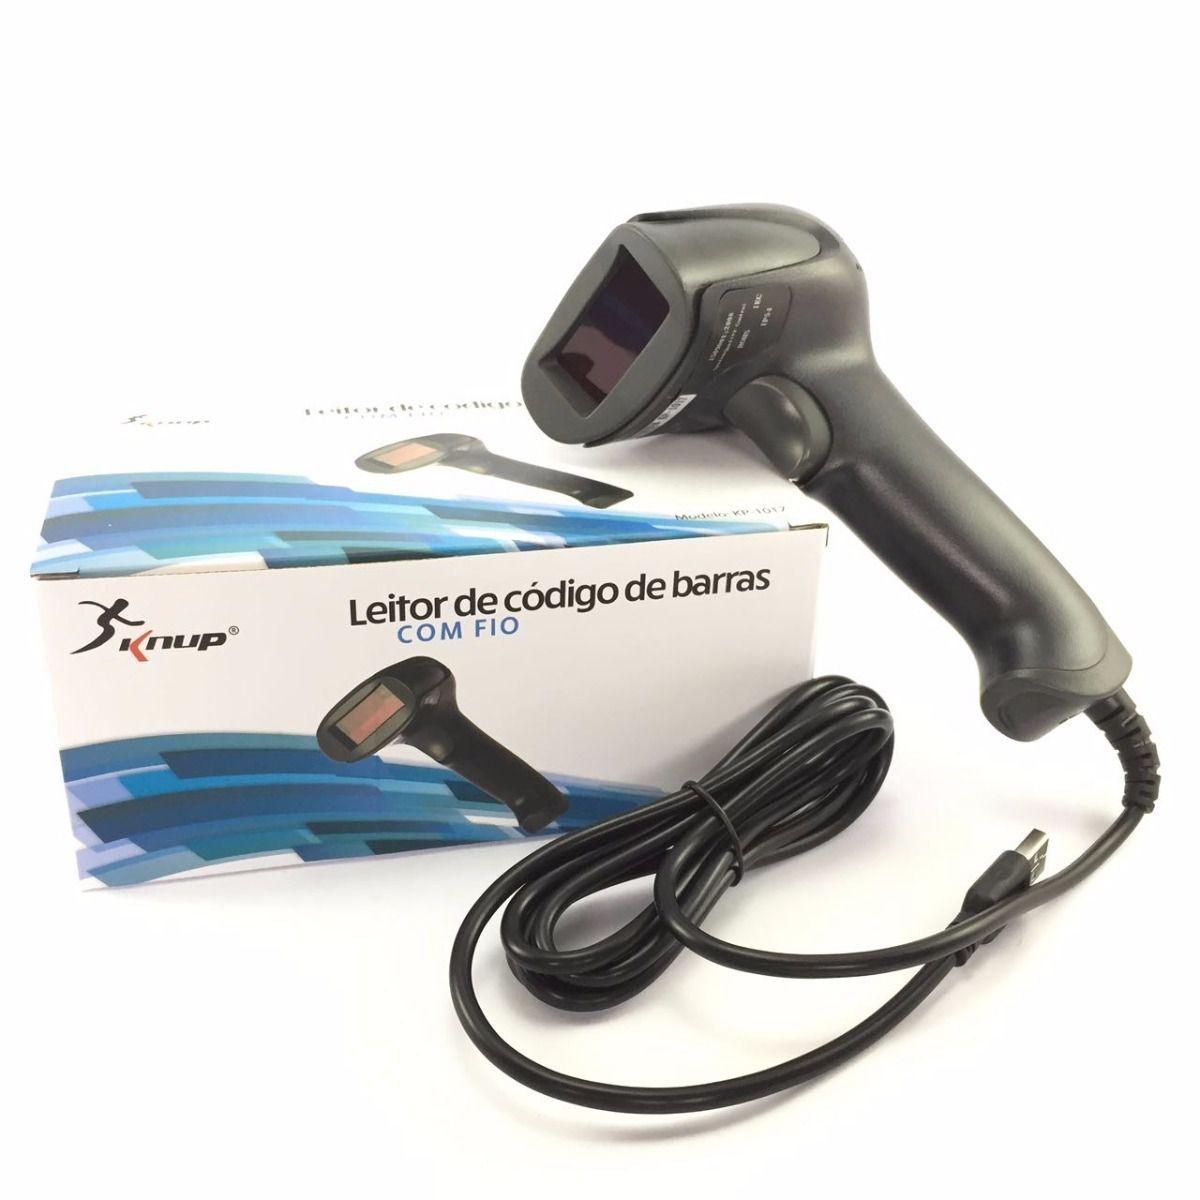 Leitor De Código De Barras Laser com fio Knup Kp-1017